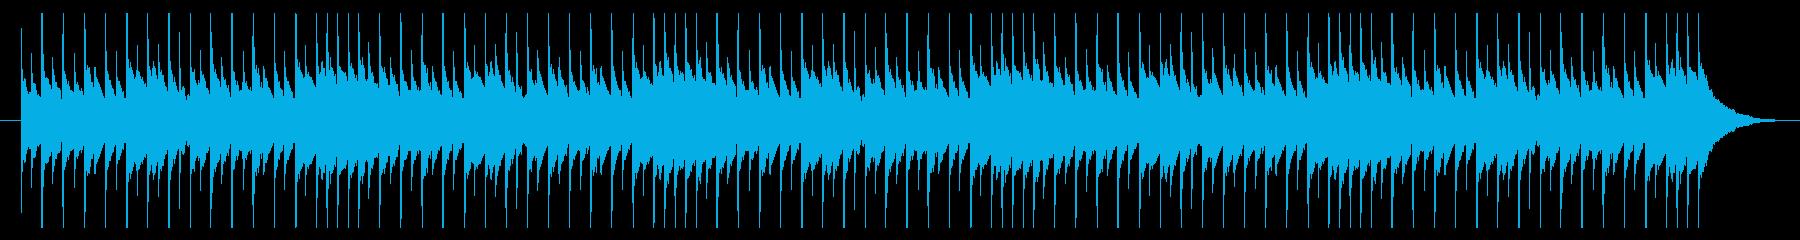 オルゴールしっとり暖かく優しいBGMの再生済みの波形